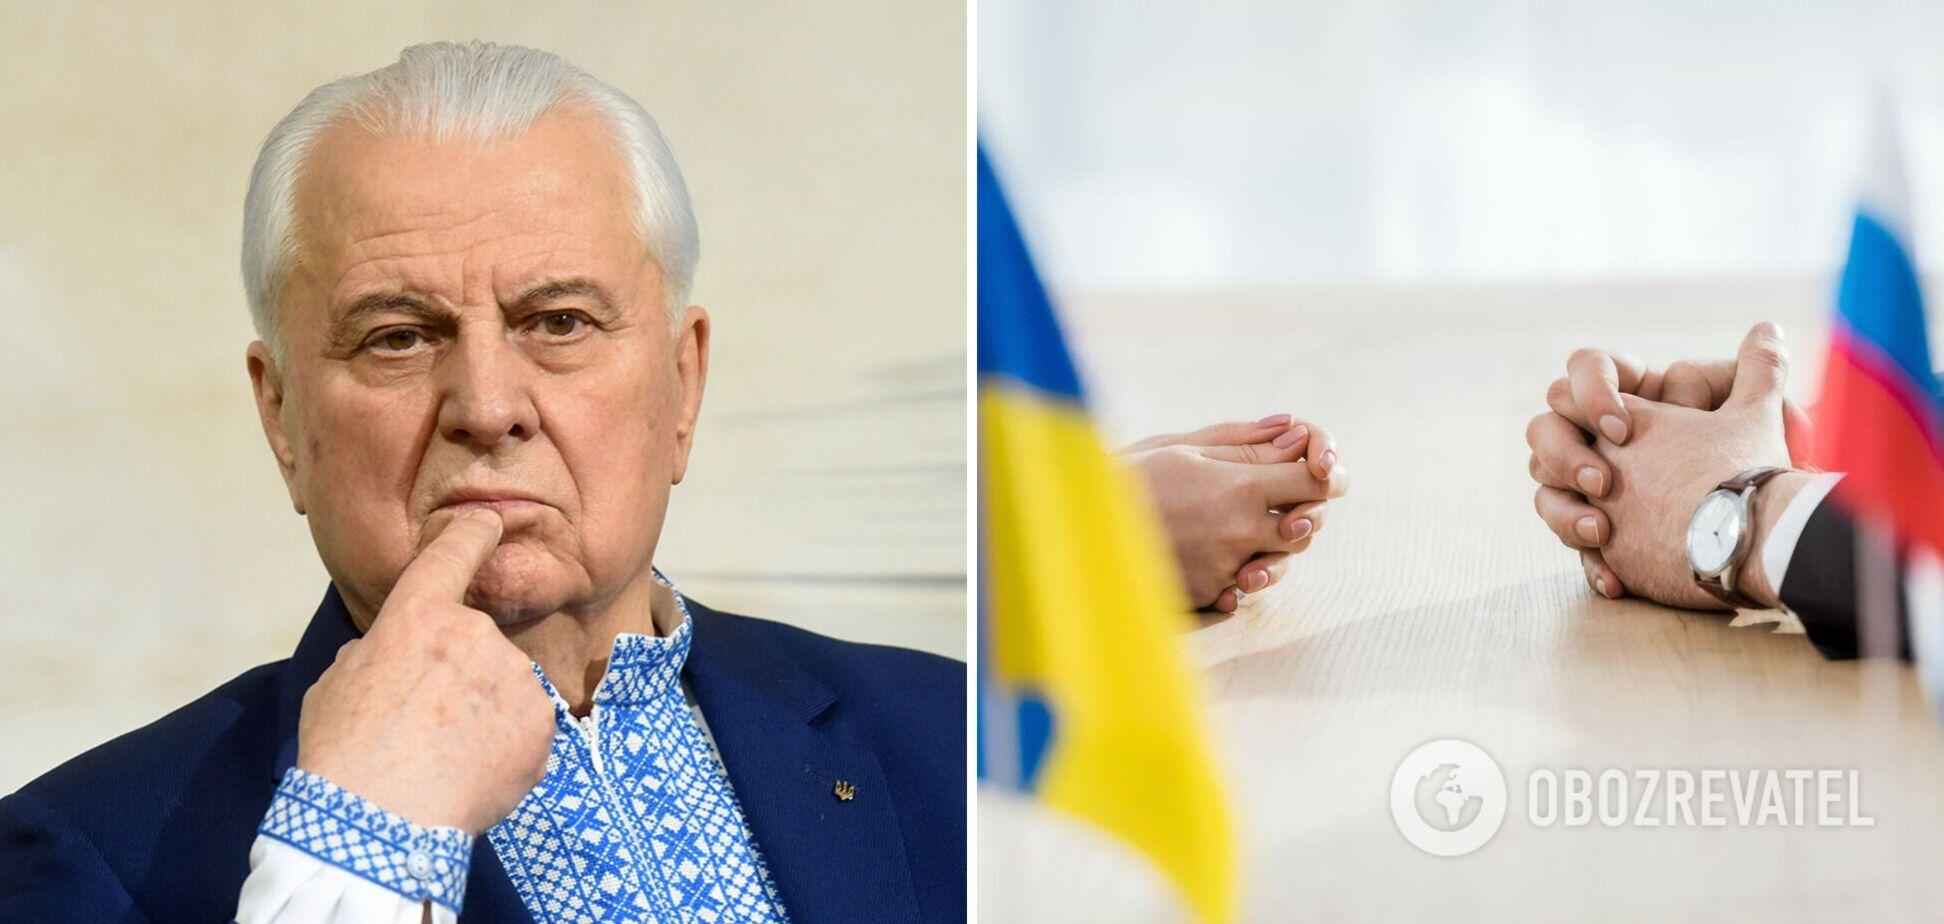 Кравчук рассказал, куда могут перенести переговоры ТКГ по Донбассу